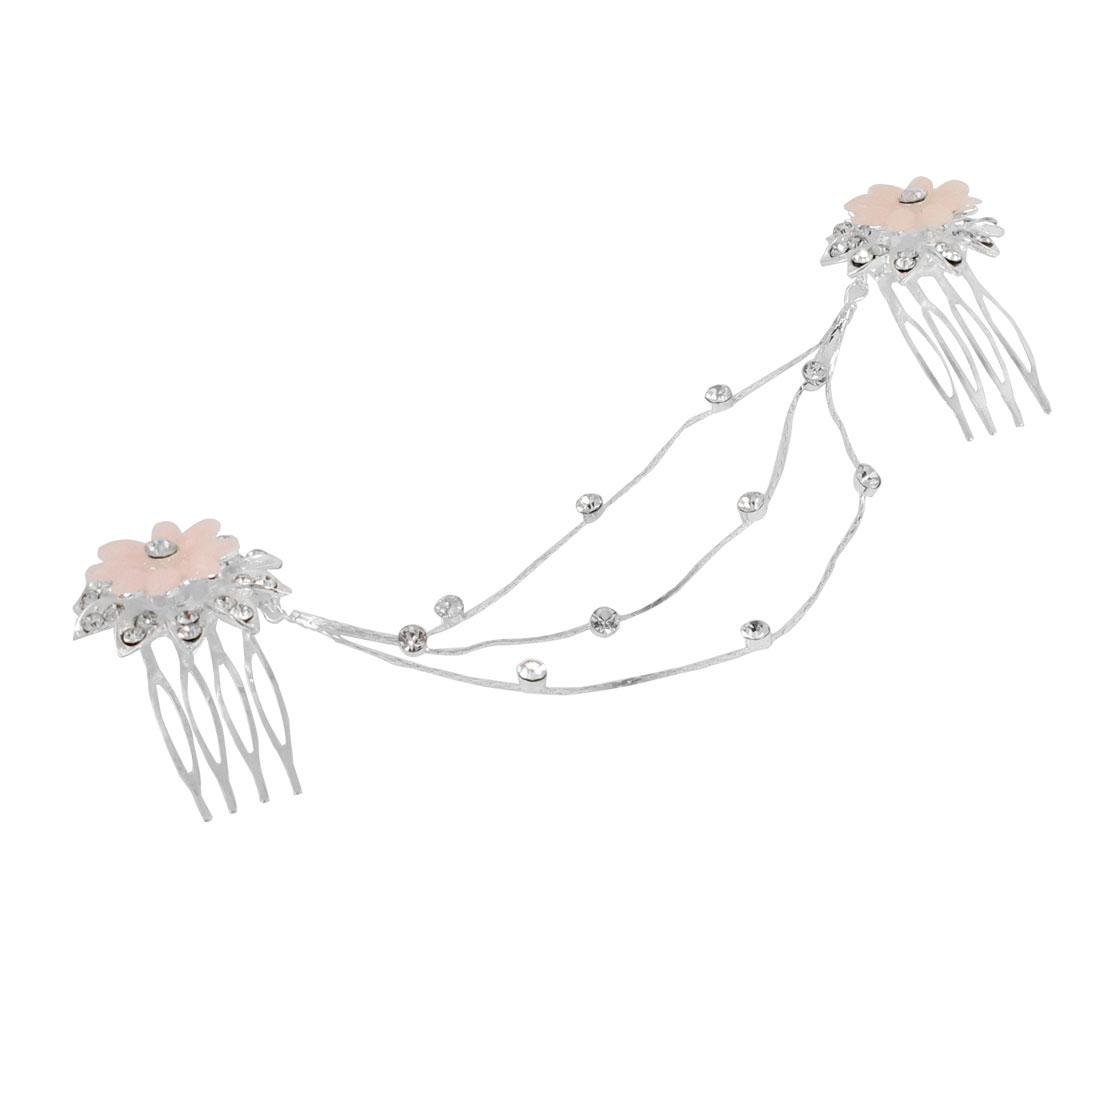 Plastic Rhinestones Pale Pink Petals Flower Shape Double Hair Comb Chain Clip